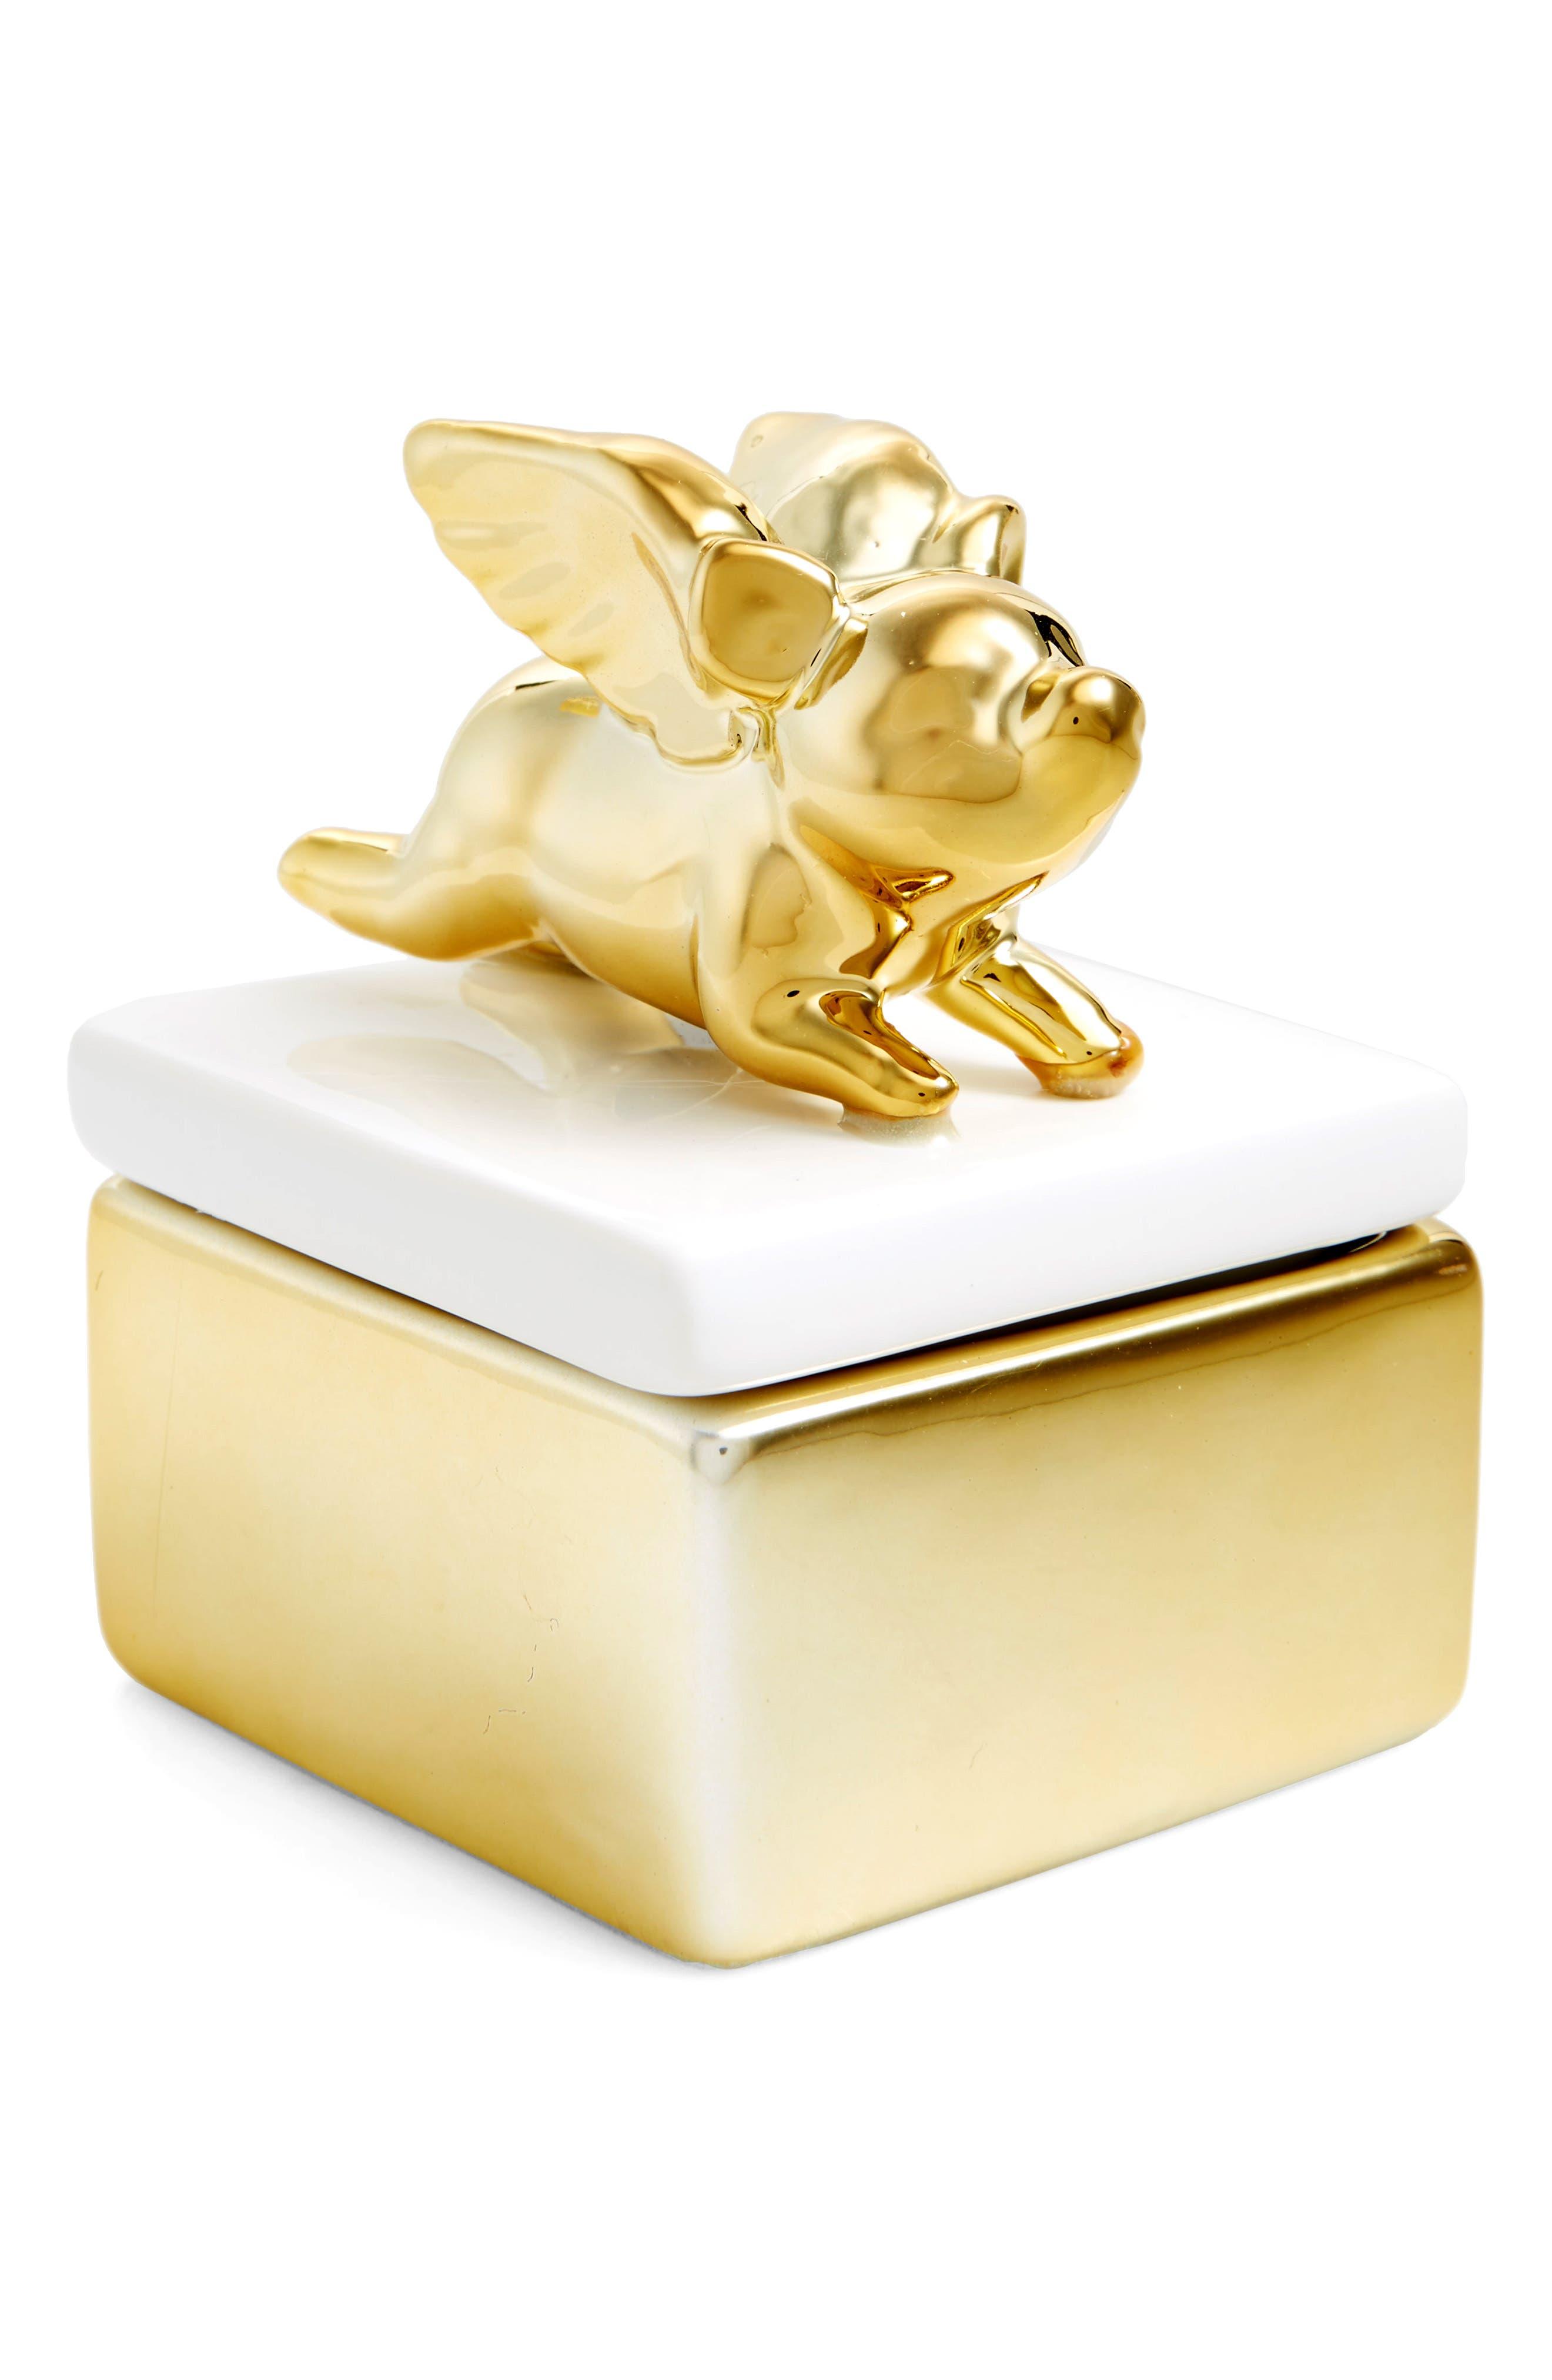 Flying Pig Trinket Box,                         Main,                         color, Gold